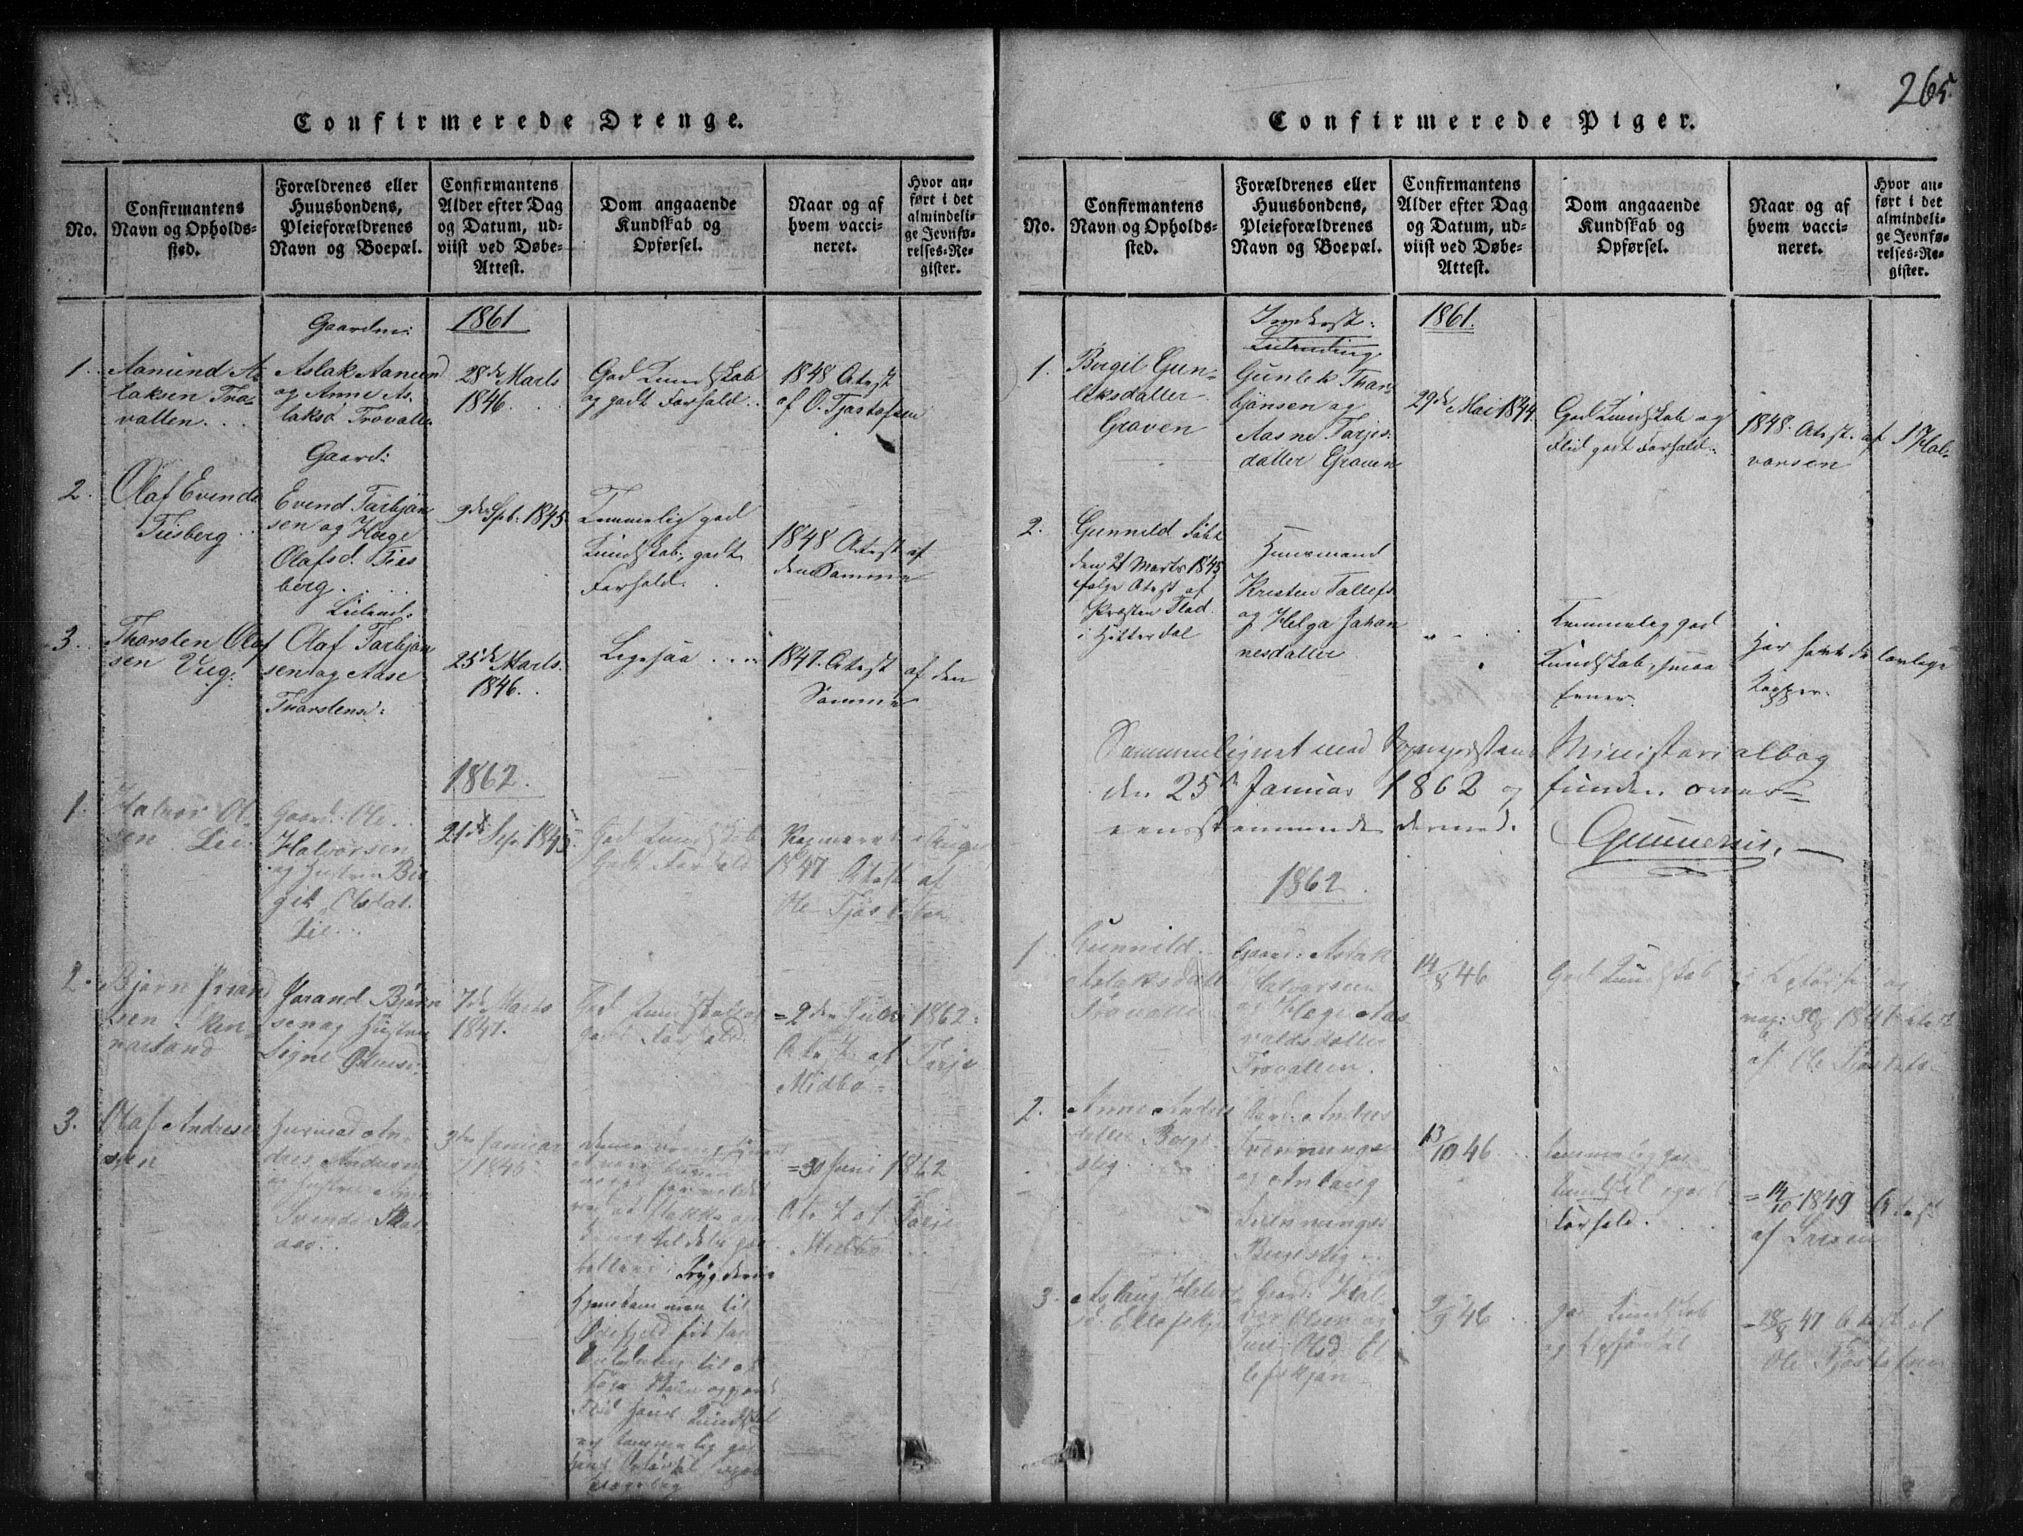 SAKO, Rauland kirkebøker, G/Gb/L0001: Klokkerbok nr. II 1, 1815-1886, s. 265